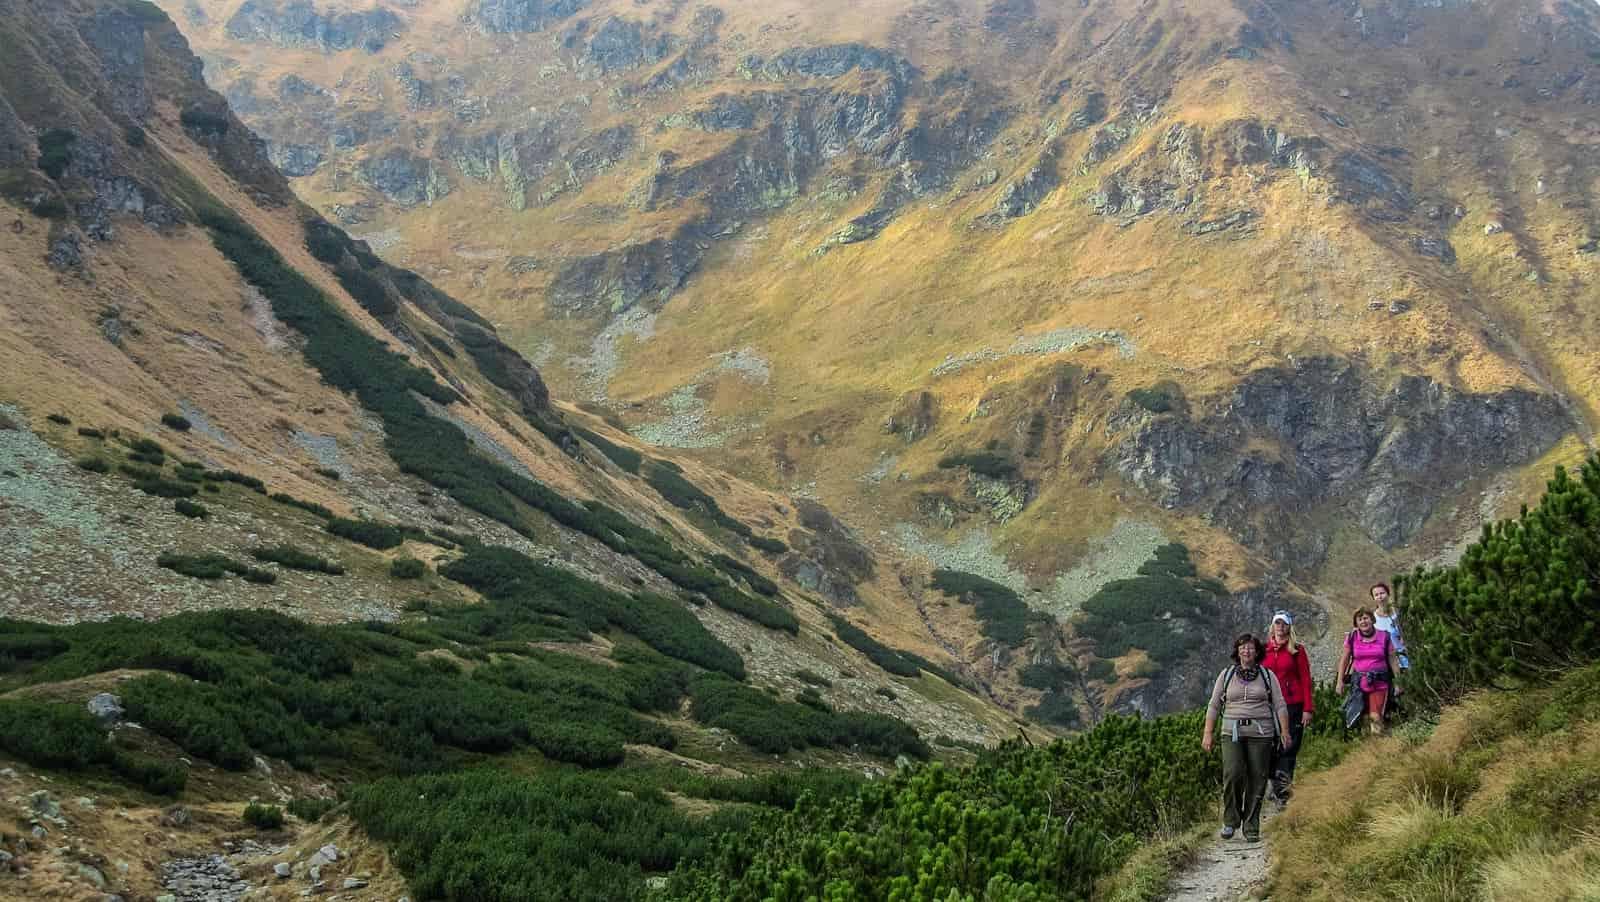 Rackova Dolina - Tatra National Park © All rights reserved